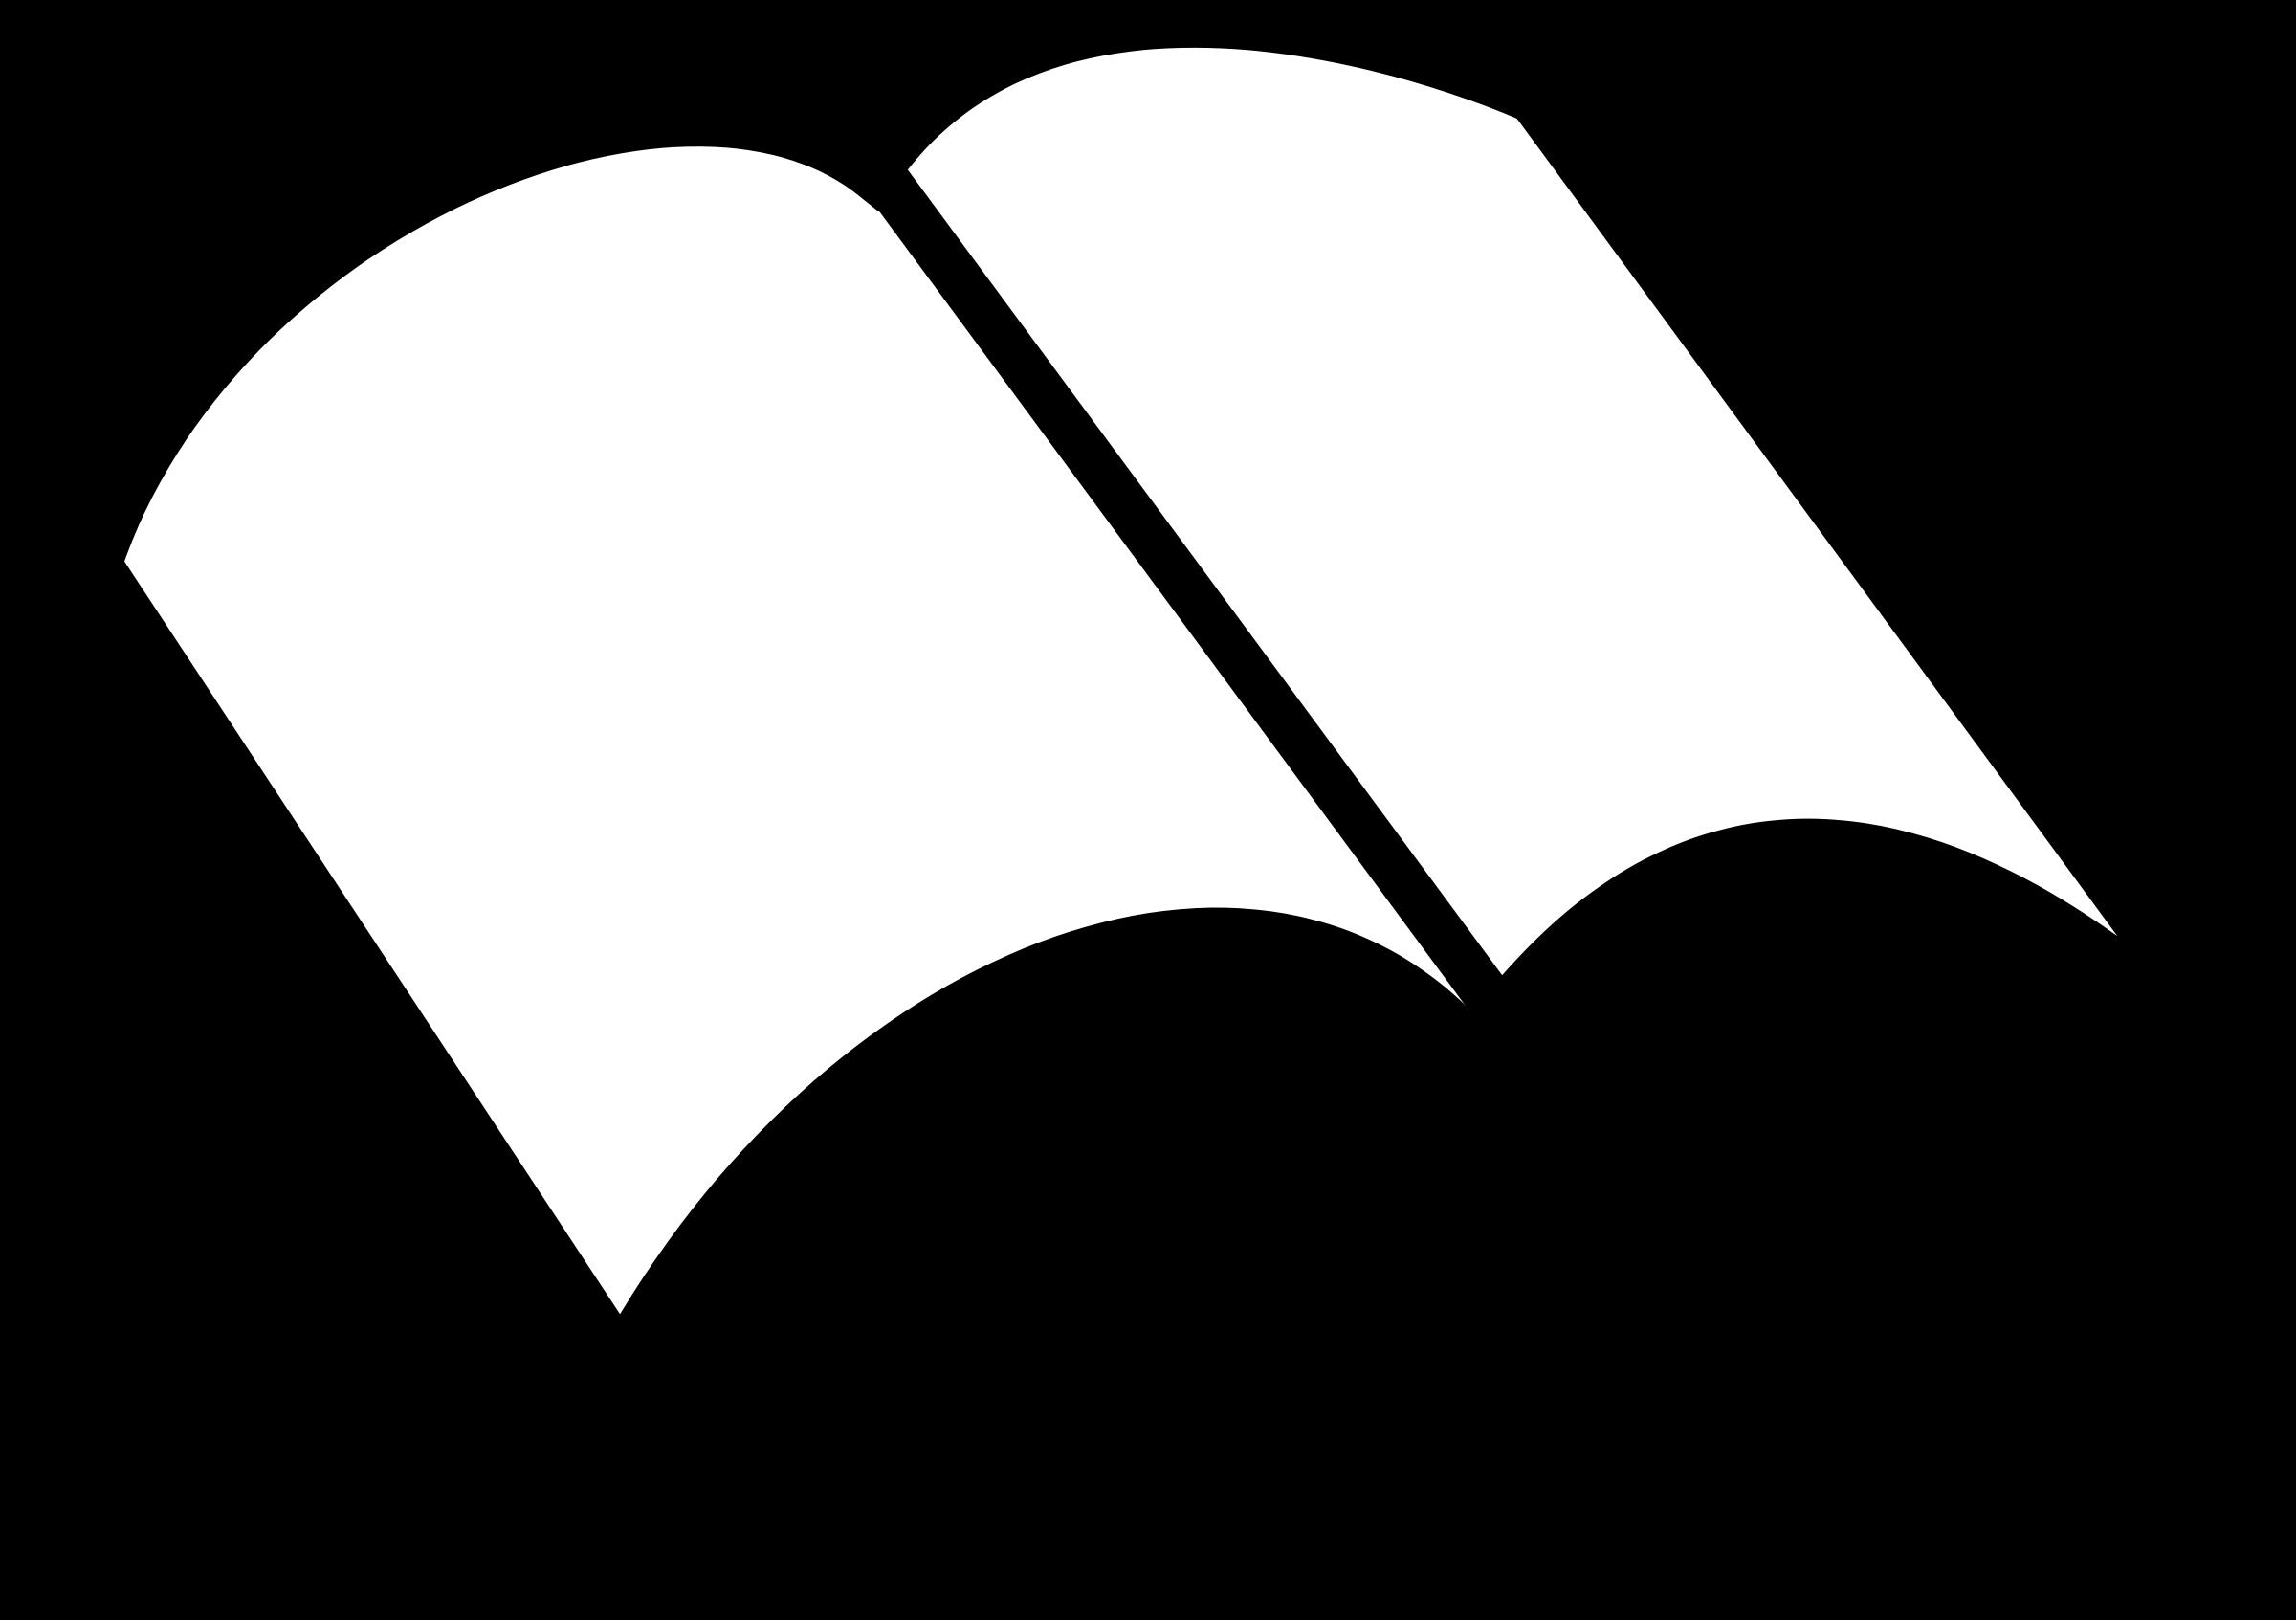 Bible panda free images. Lds clipart scripture